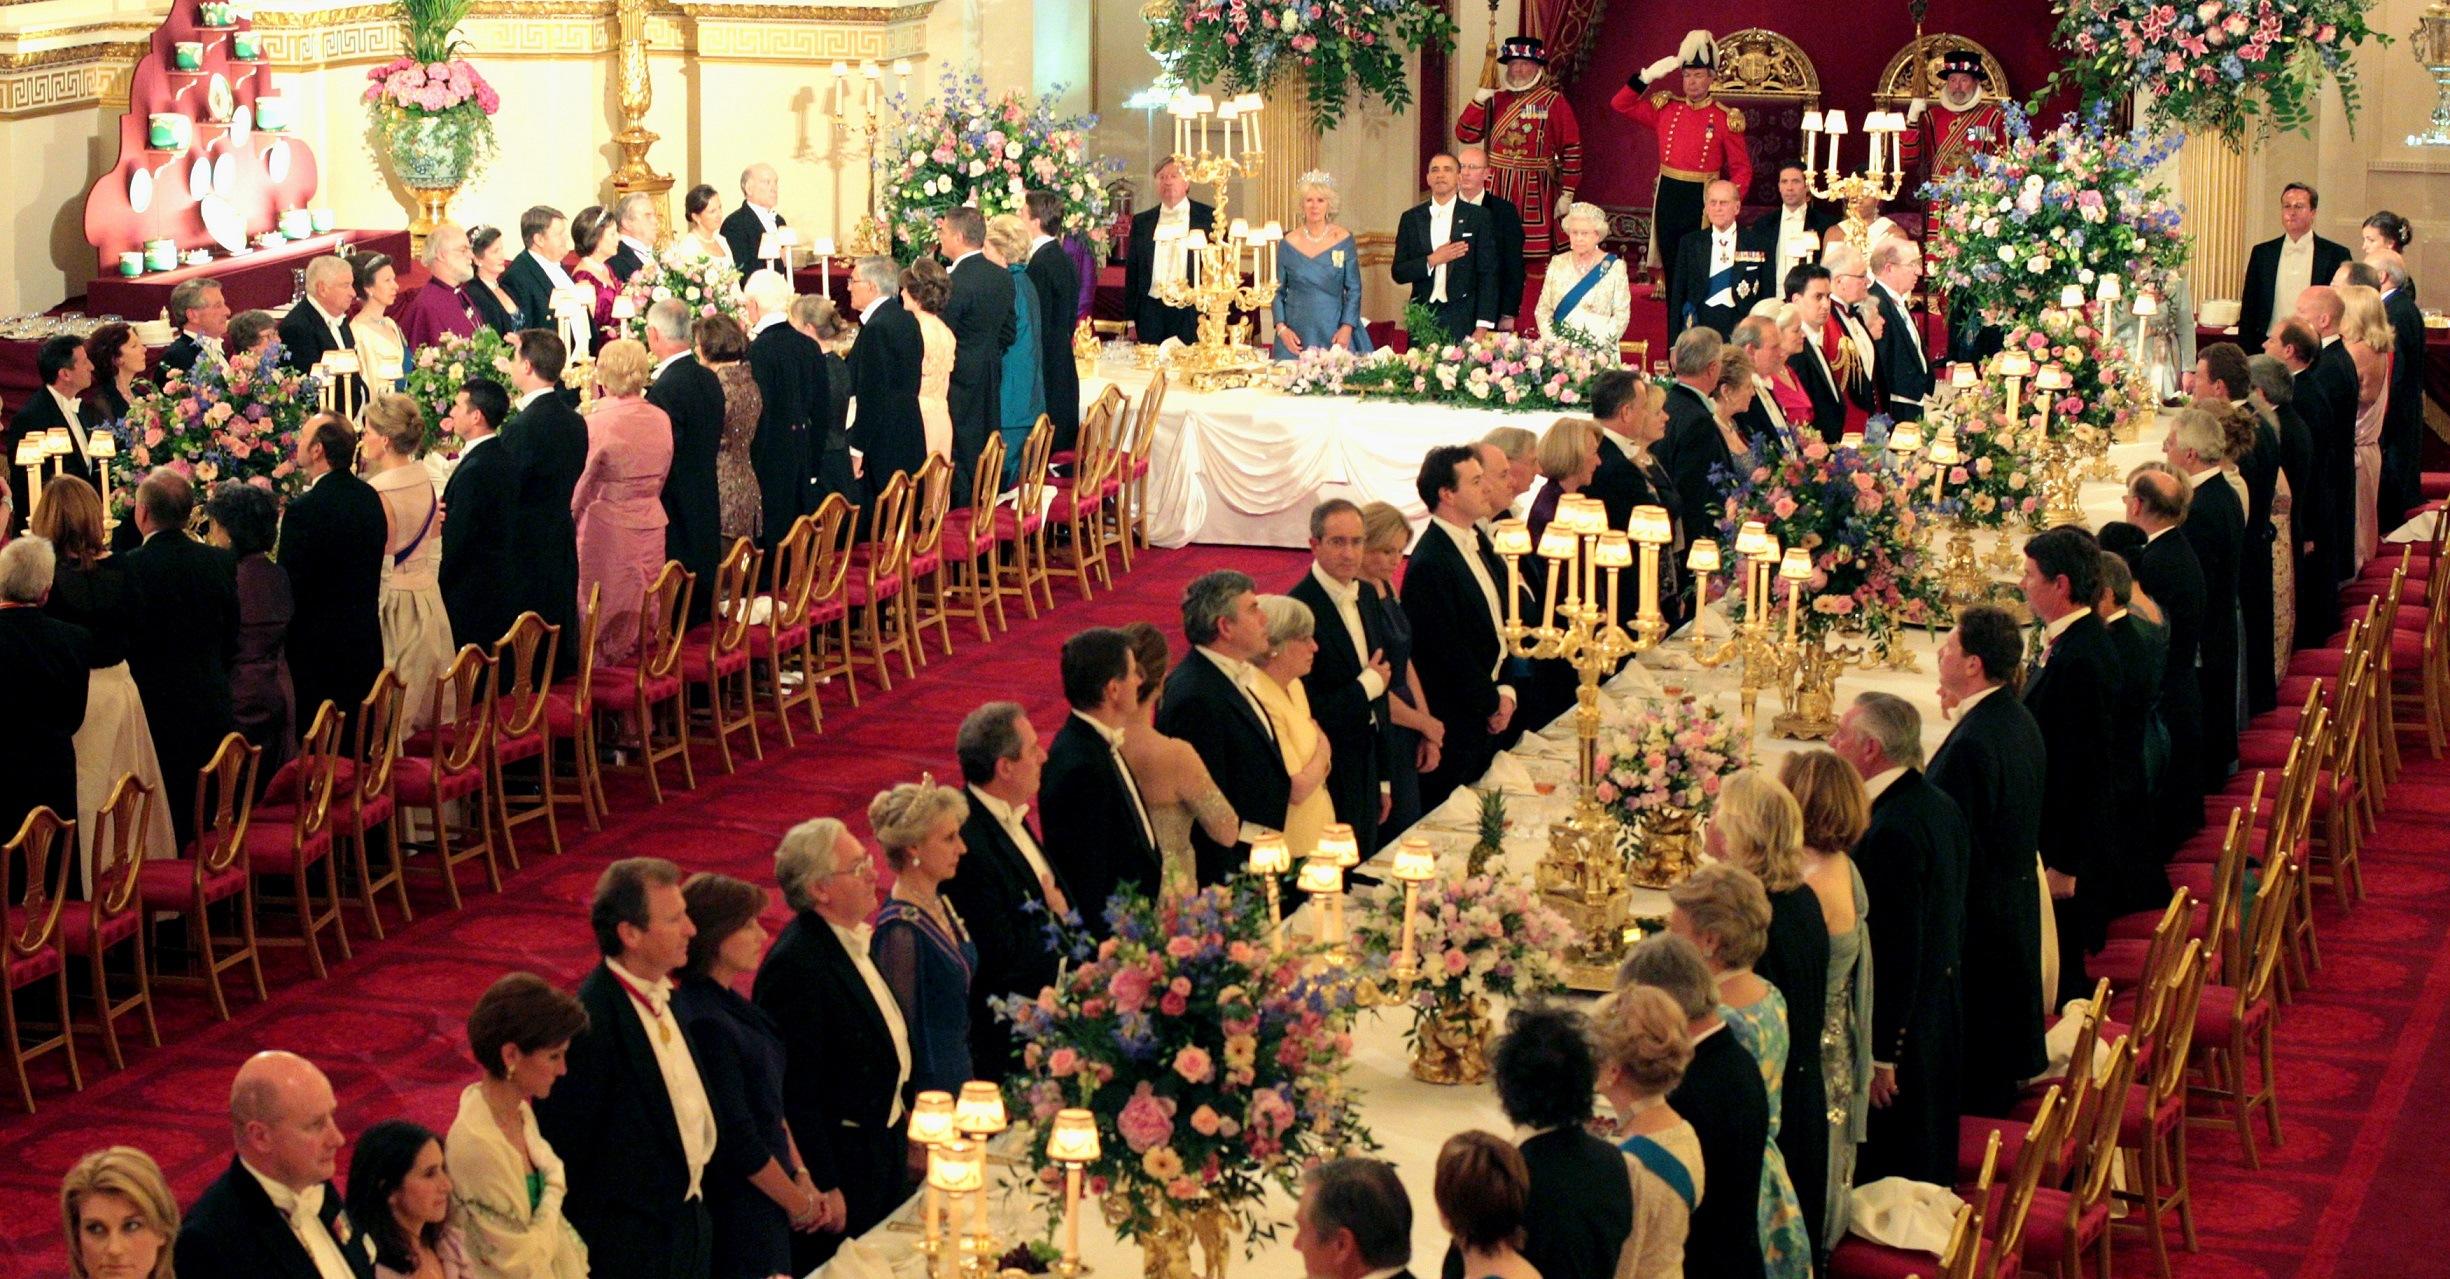 Royal Banquet